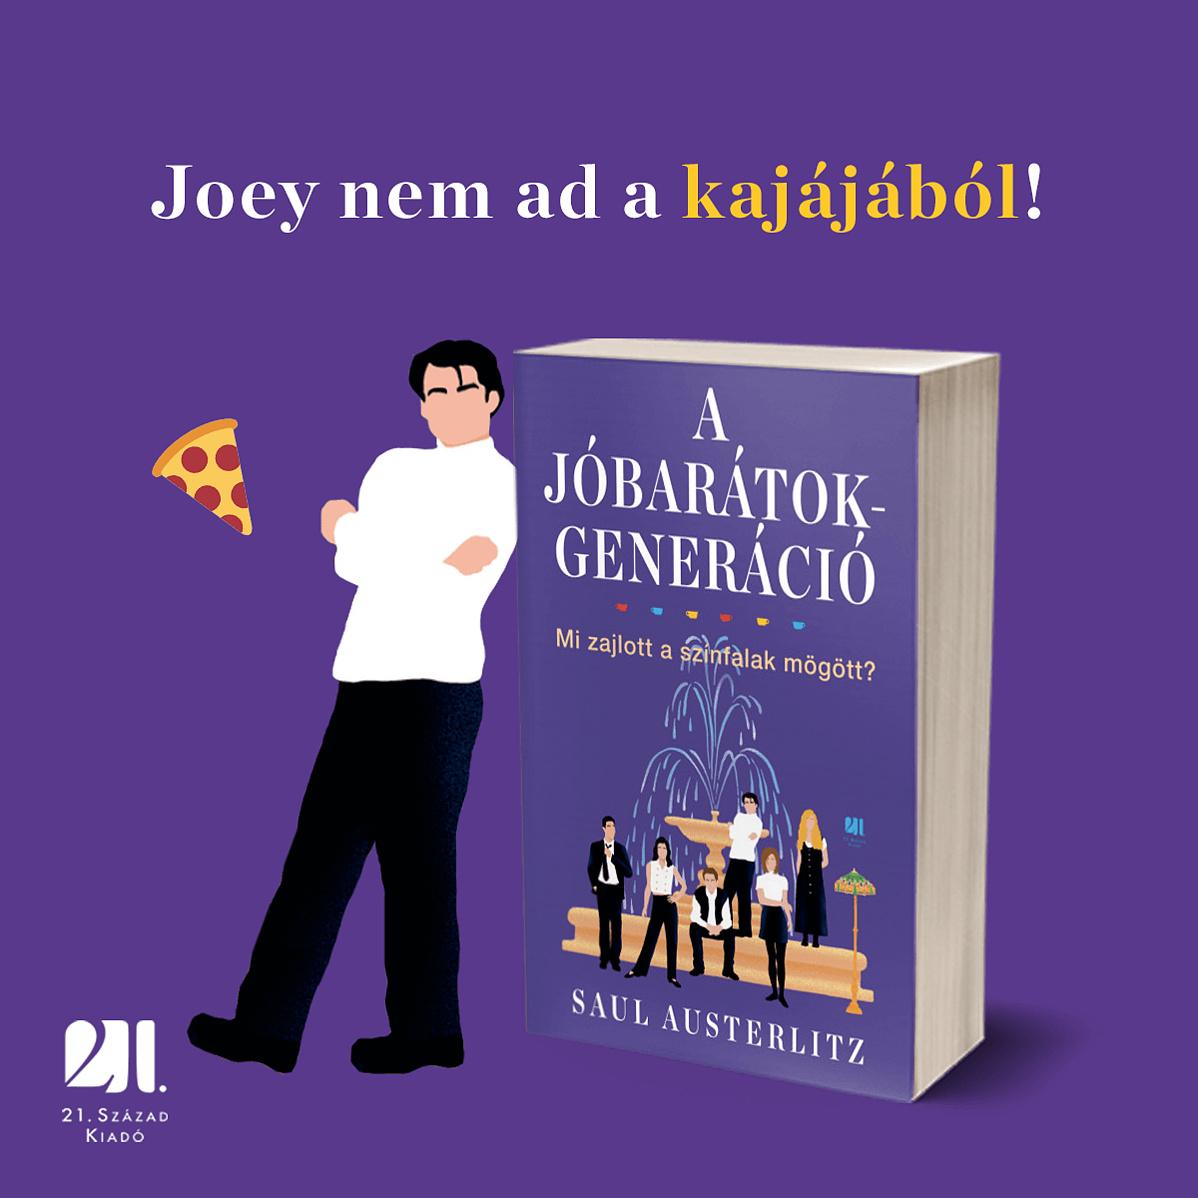 joey1-180042.png